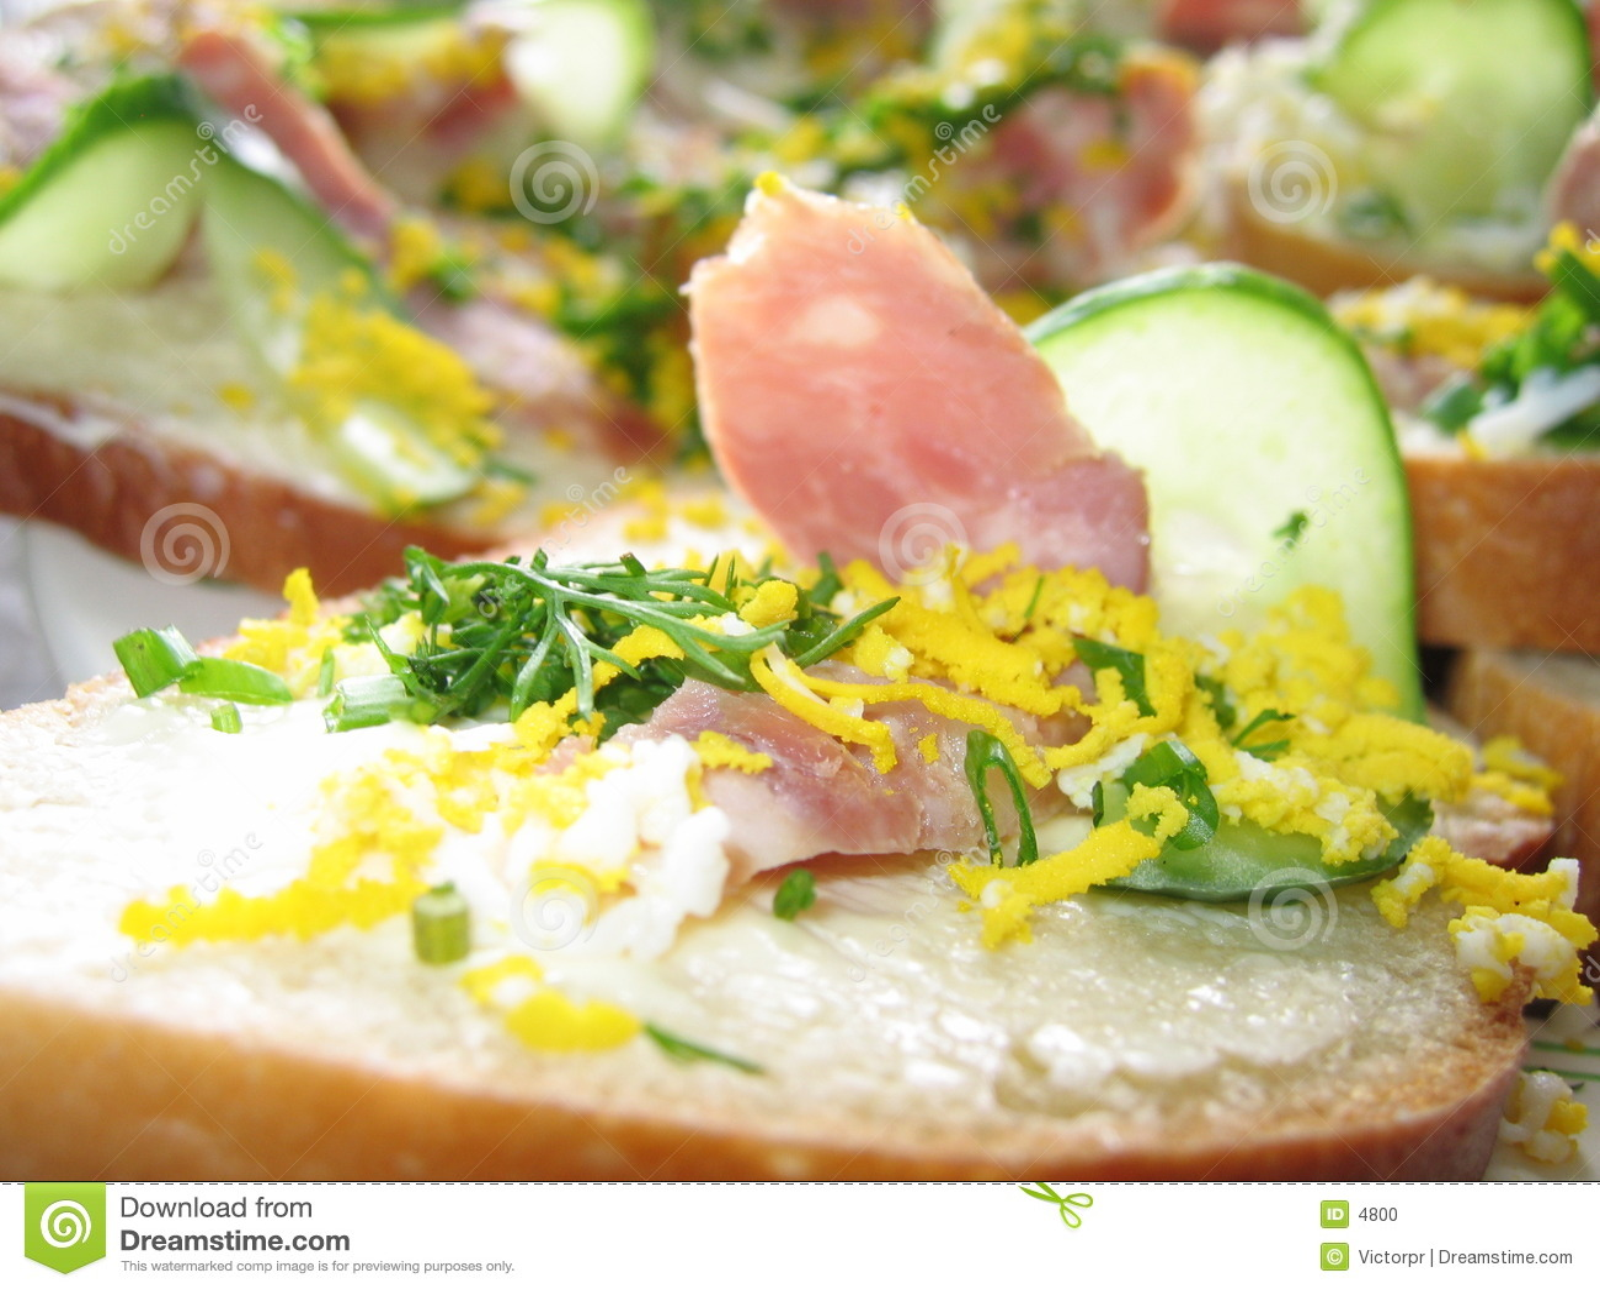 Sandwich mit Schinken und Gurke